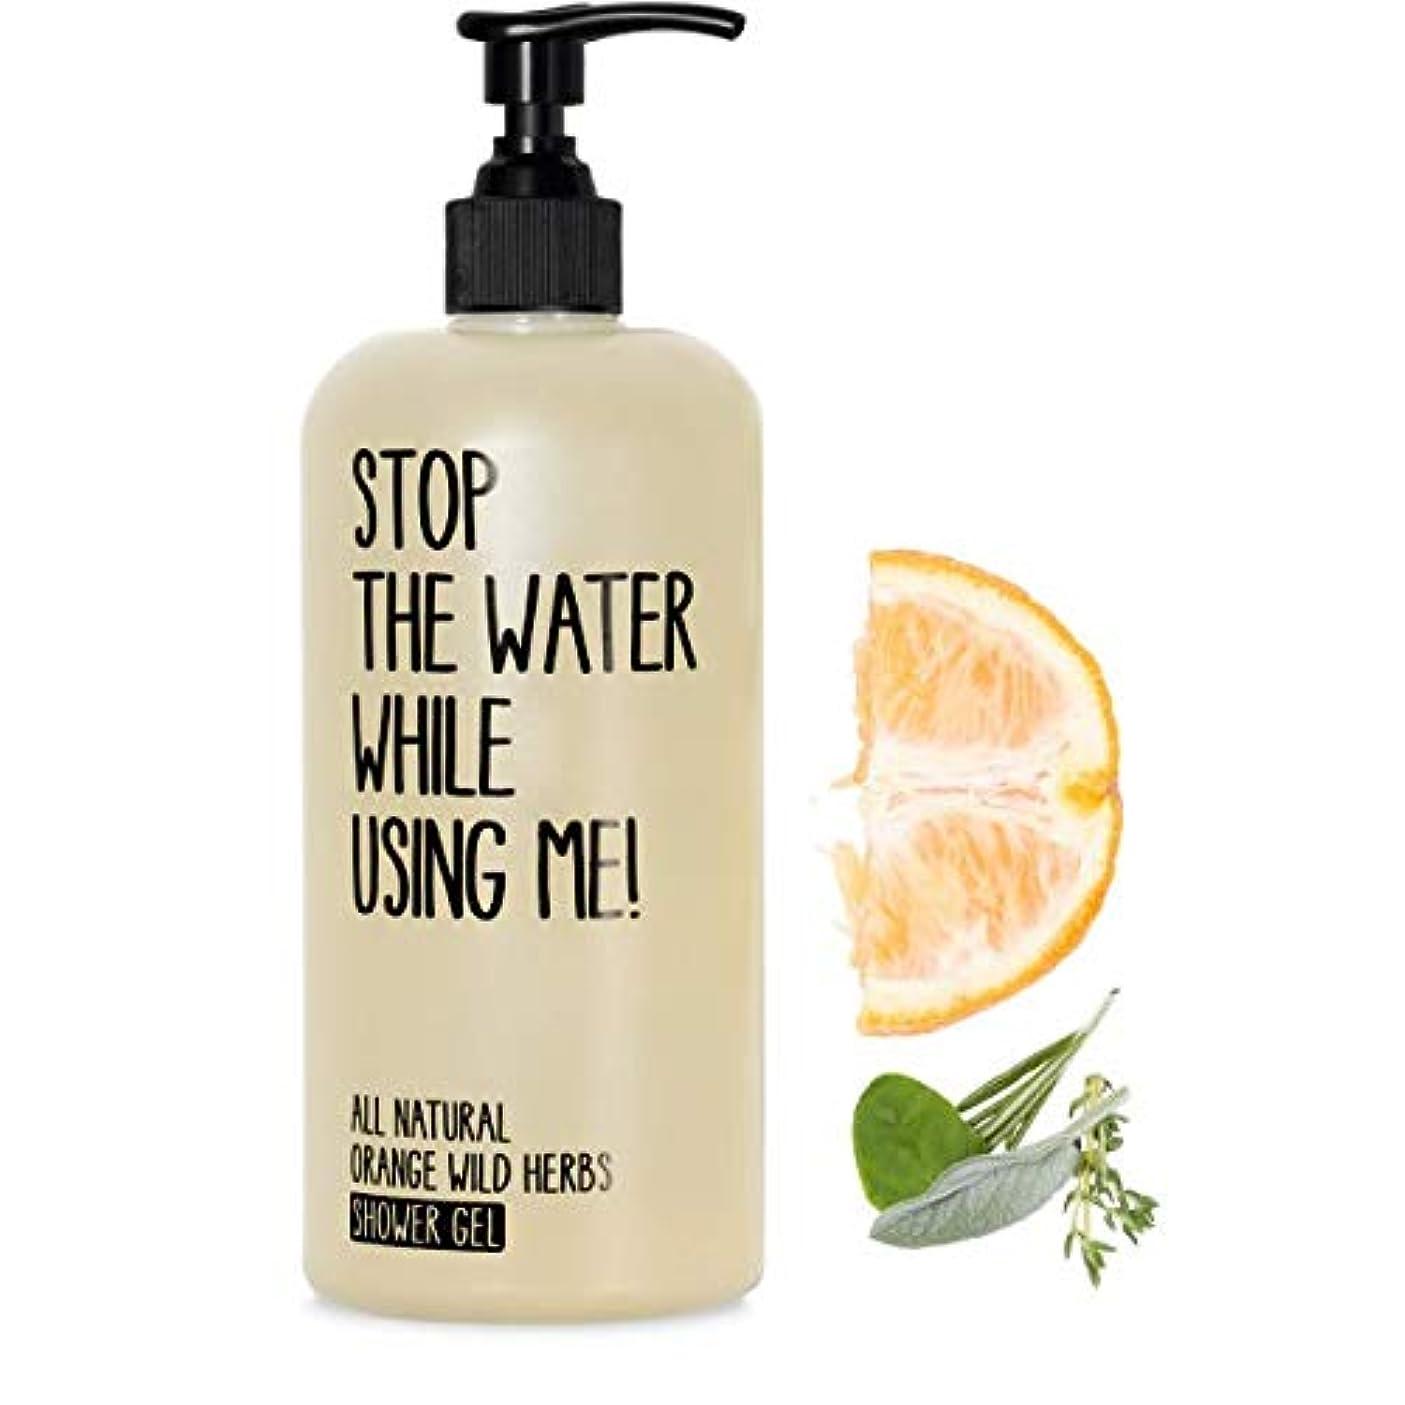 事故騒乱過敏な【STOP THE WATER WHILE USING ME!】 O&WHシャワージェル(オレンジ&ワイルドハーブ) 200ml